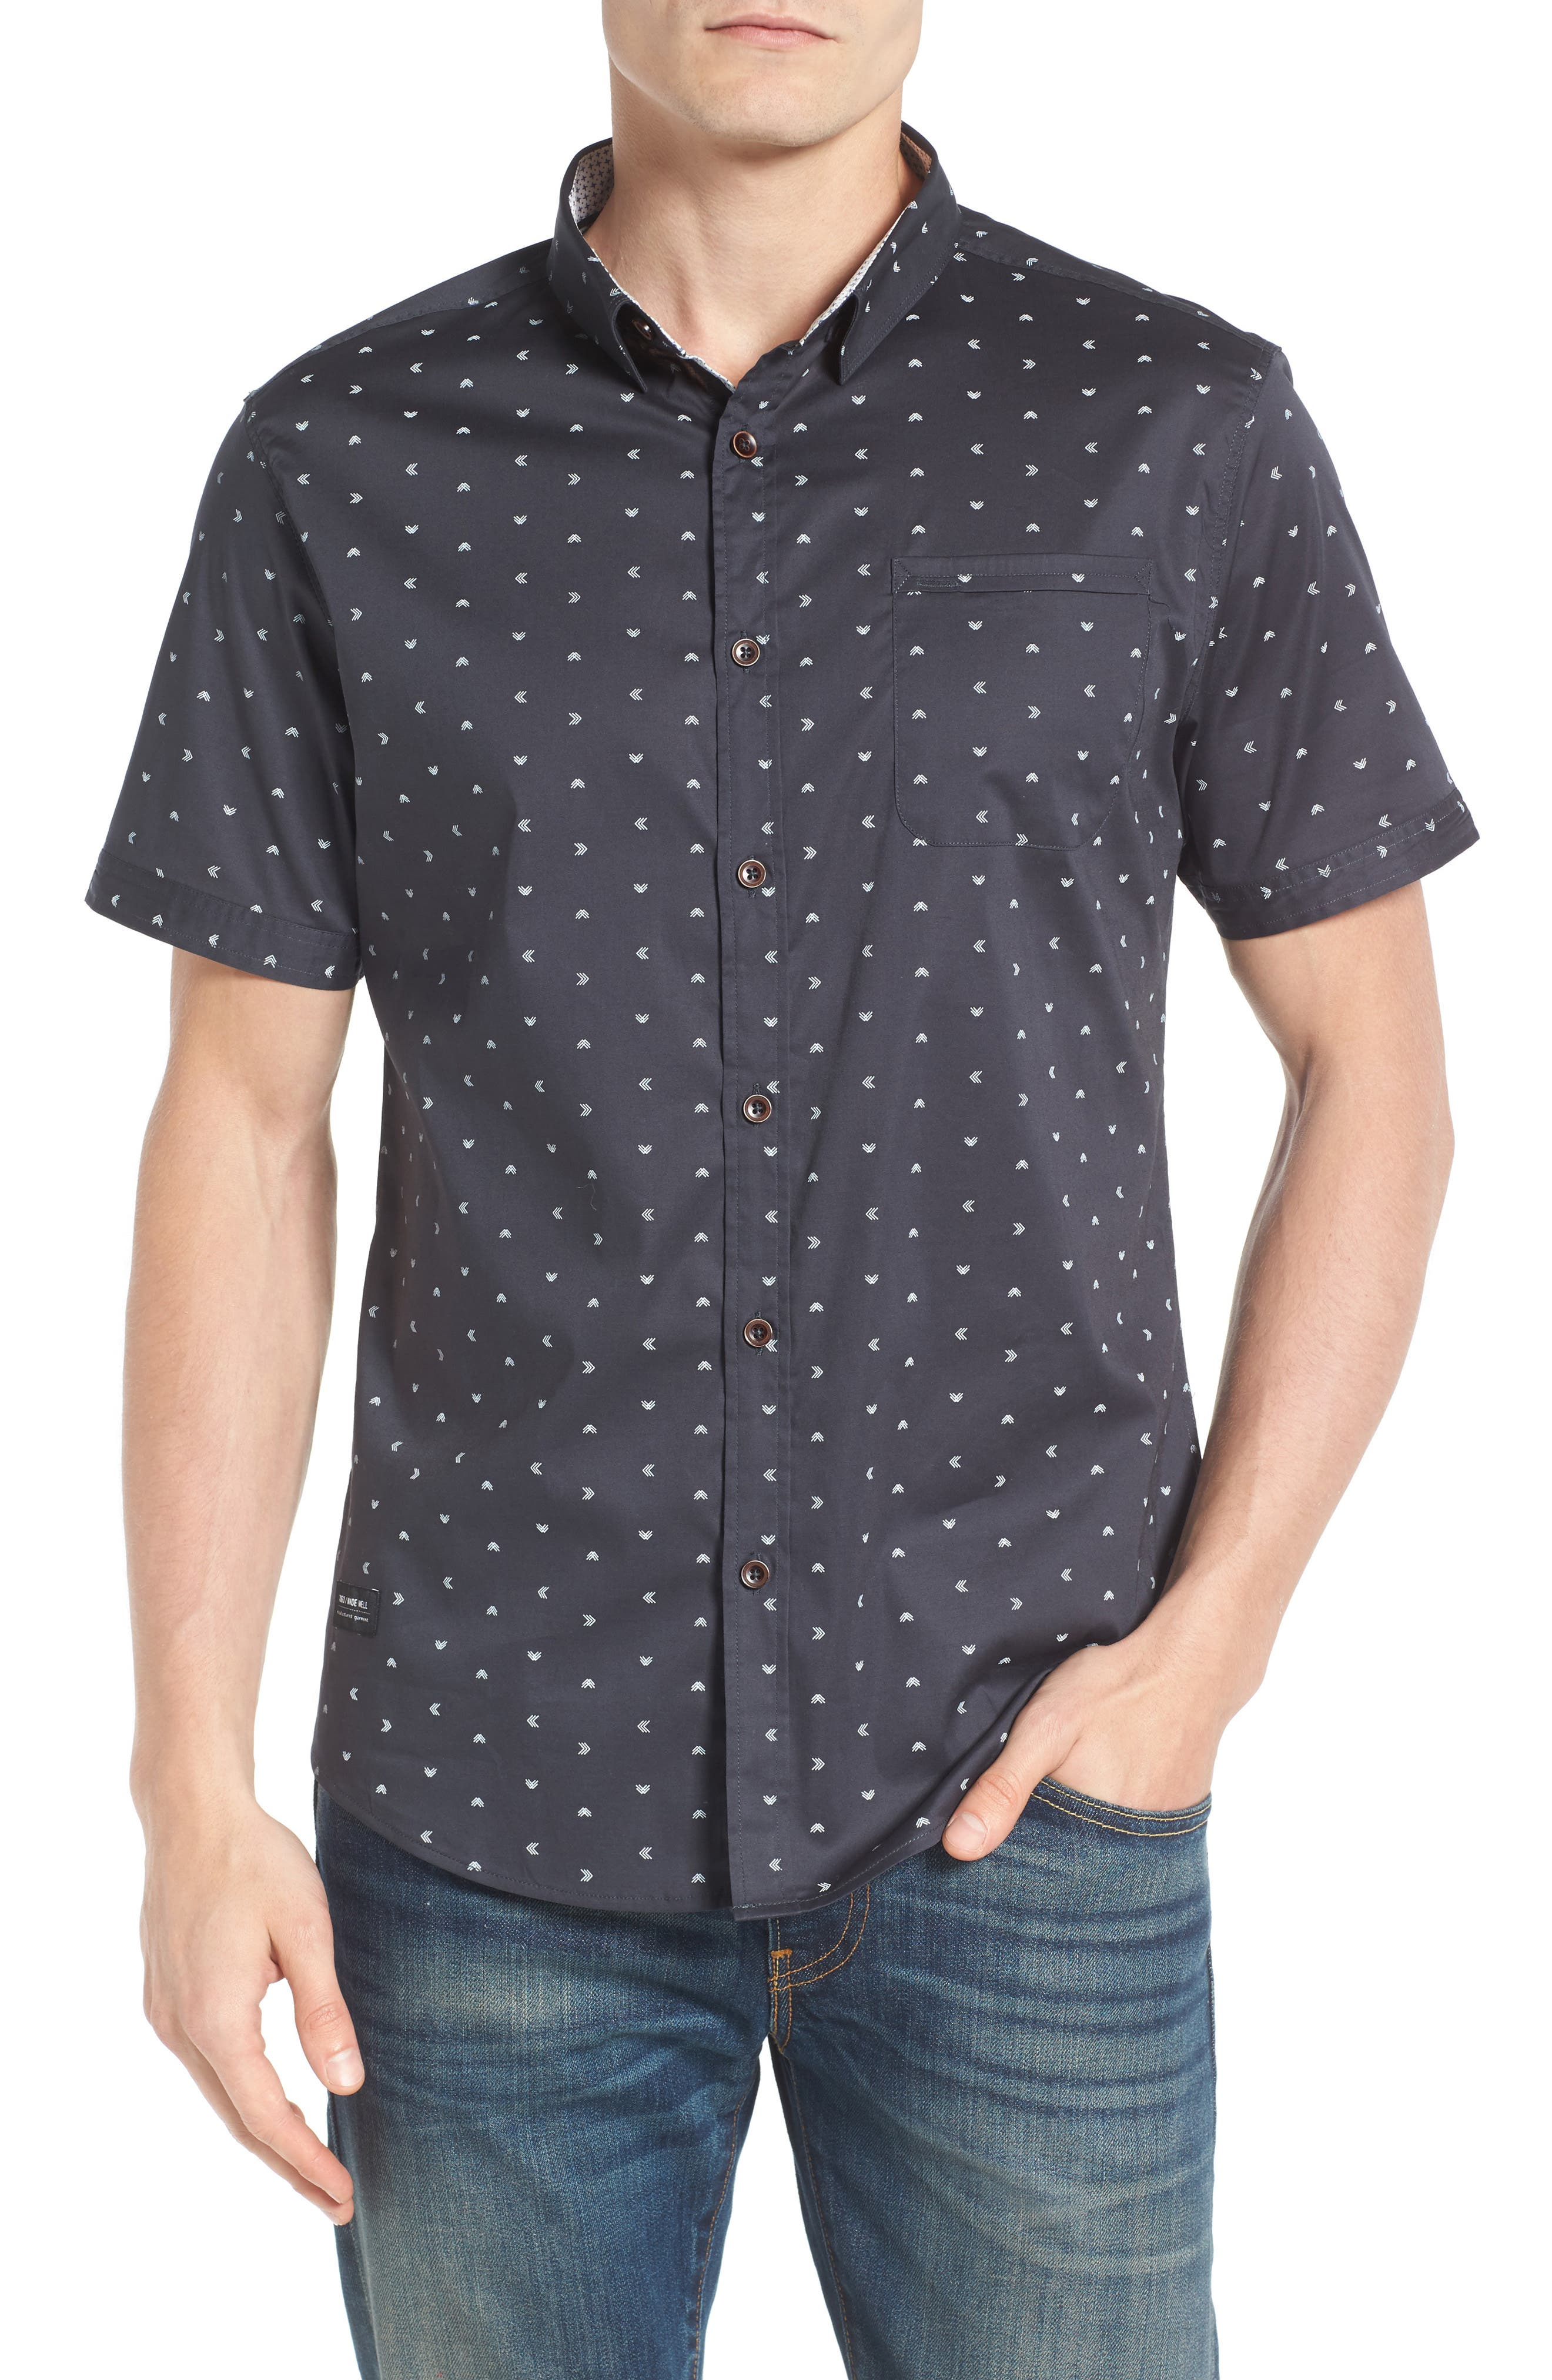 Rising Water Print Woven Shirt,                         Main,                         color, 010